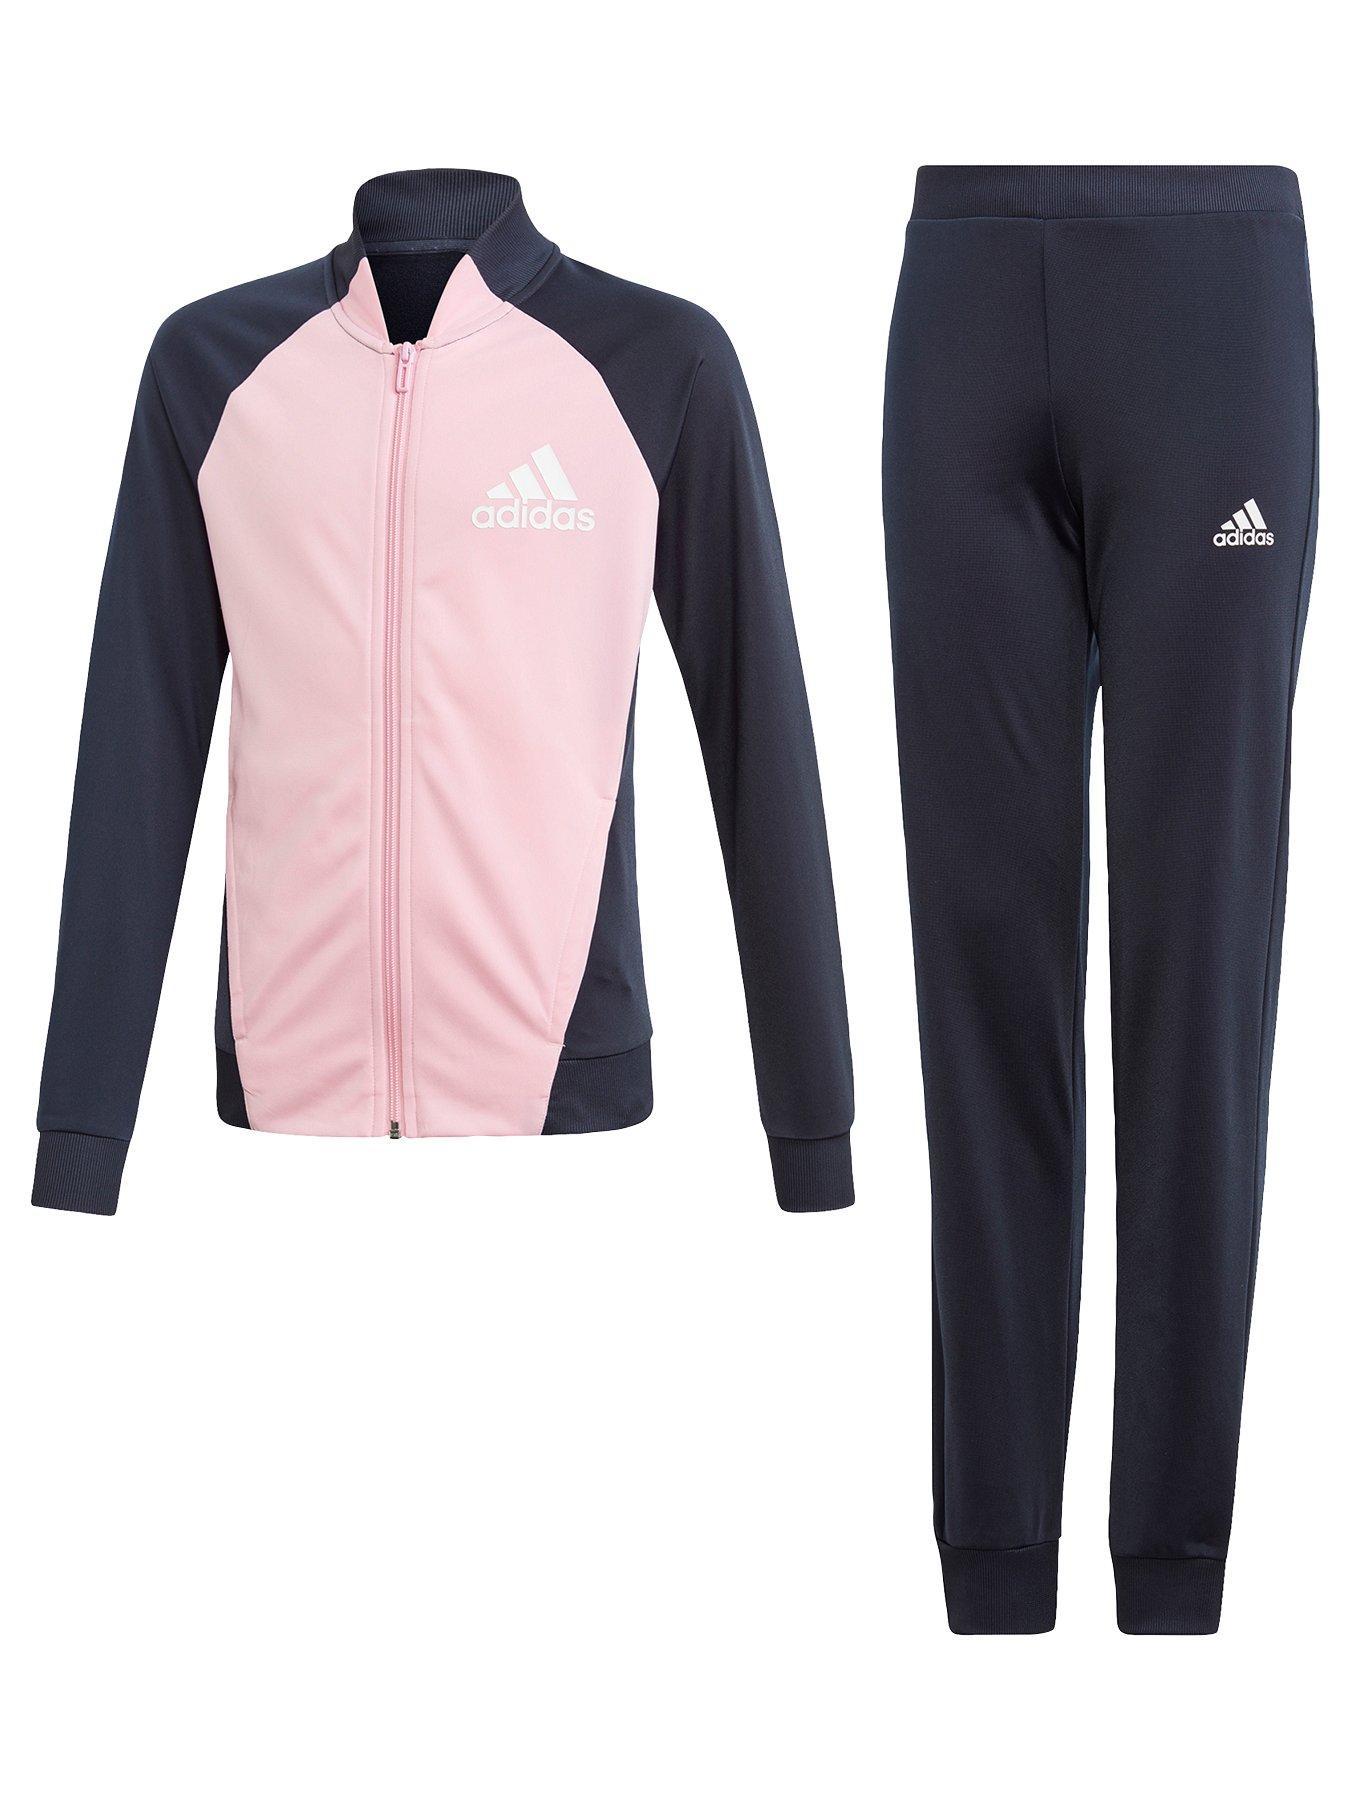 Childamp; Www Baby Sportswear GirlAdidas Tracksuits FJlc3TK1